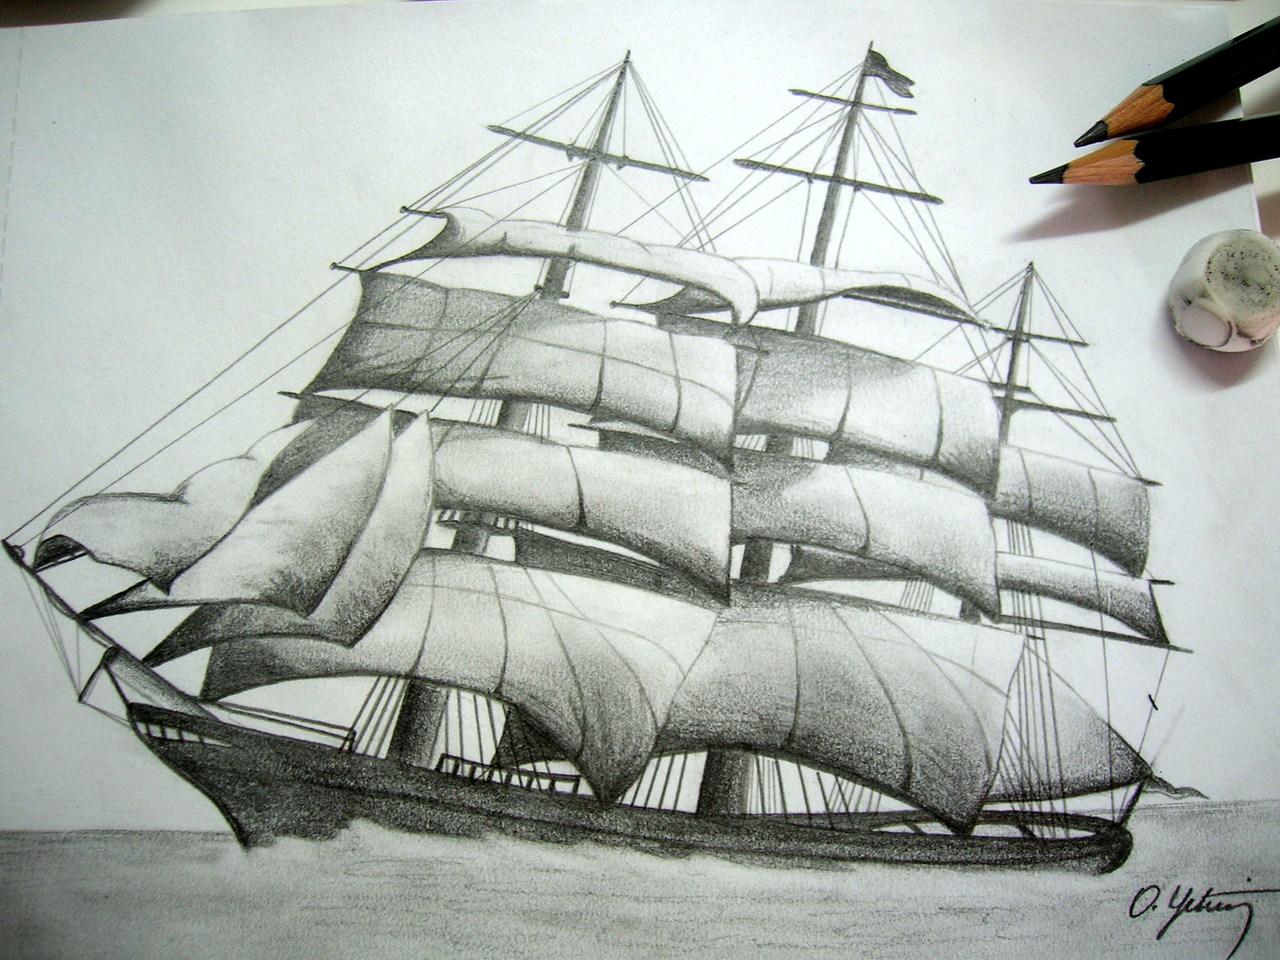 Gemi Karakalem çizimleri Karakalem çizimleri Karakalem Anime